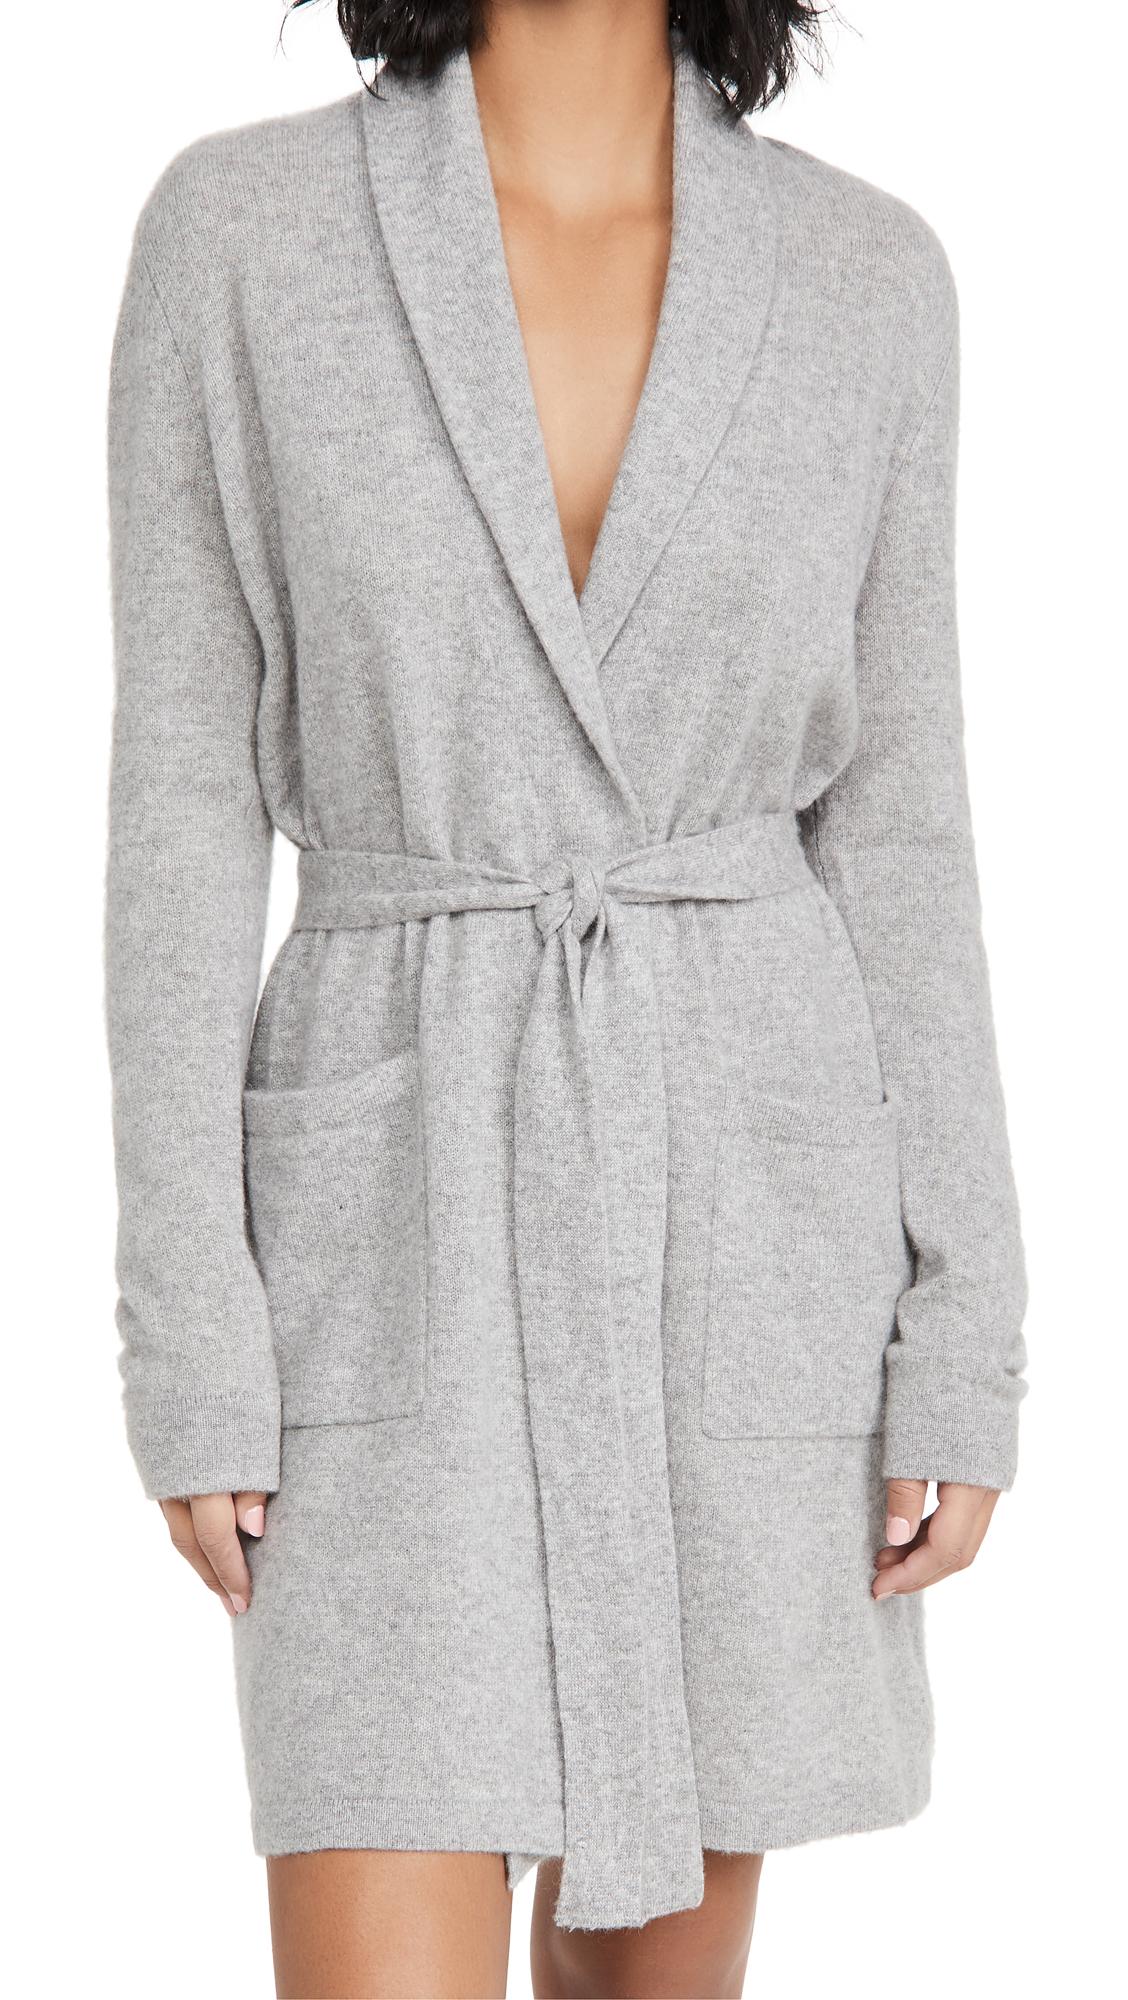 White + Warren Cashmere Short Robe